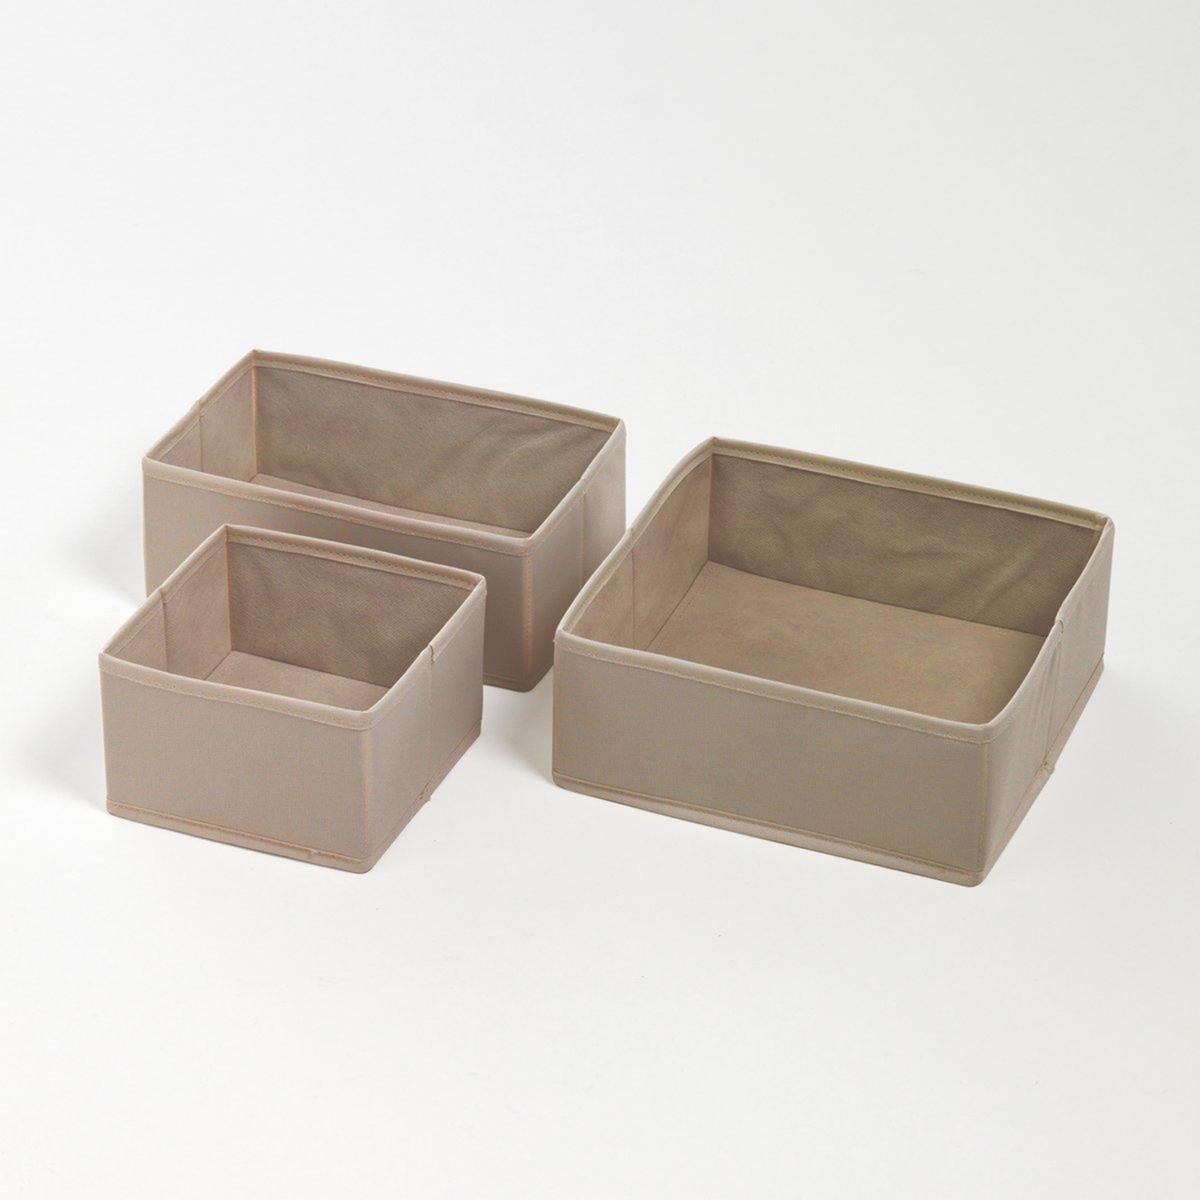 Комплект из 3 складных коробок для хранения вещей, 3 размераКоробки для хранения вещей незаменимы для наведения порядка во всем доме, в ванной, спальне или гостиной ! Складывающиеся для легкого хранения.Характеристики коробки для хранения вещей :- Из твердого картона, покрытого полиэстером, цвет экрю.Коробки поставляются готовыми к сборке, инструкция прилагается.Размеры :- Ш.16 x В.10 x Г.16 см.- Ш.25 x В.10 x Г.25 см.- Ш.25 x В.10 x Г.16 см.<br><br>Цвет: серо-коричневый каштан